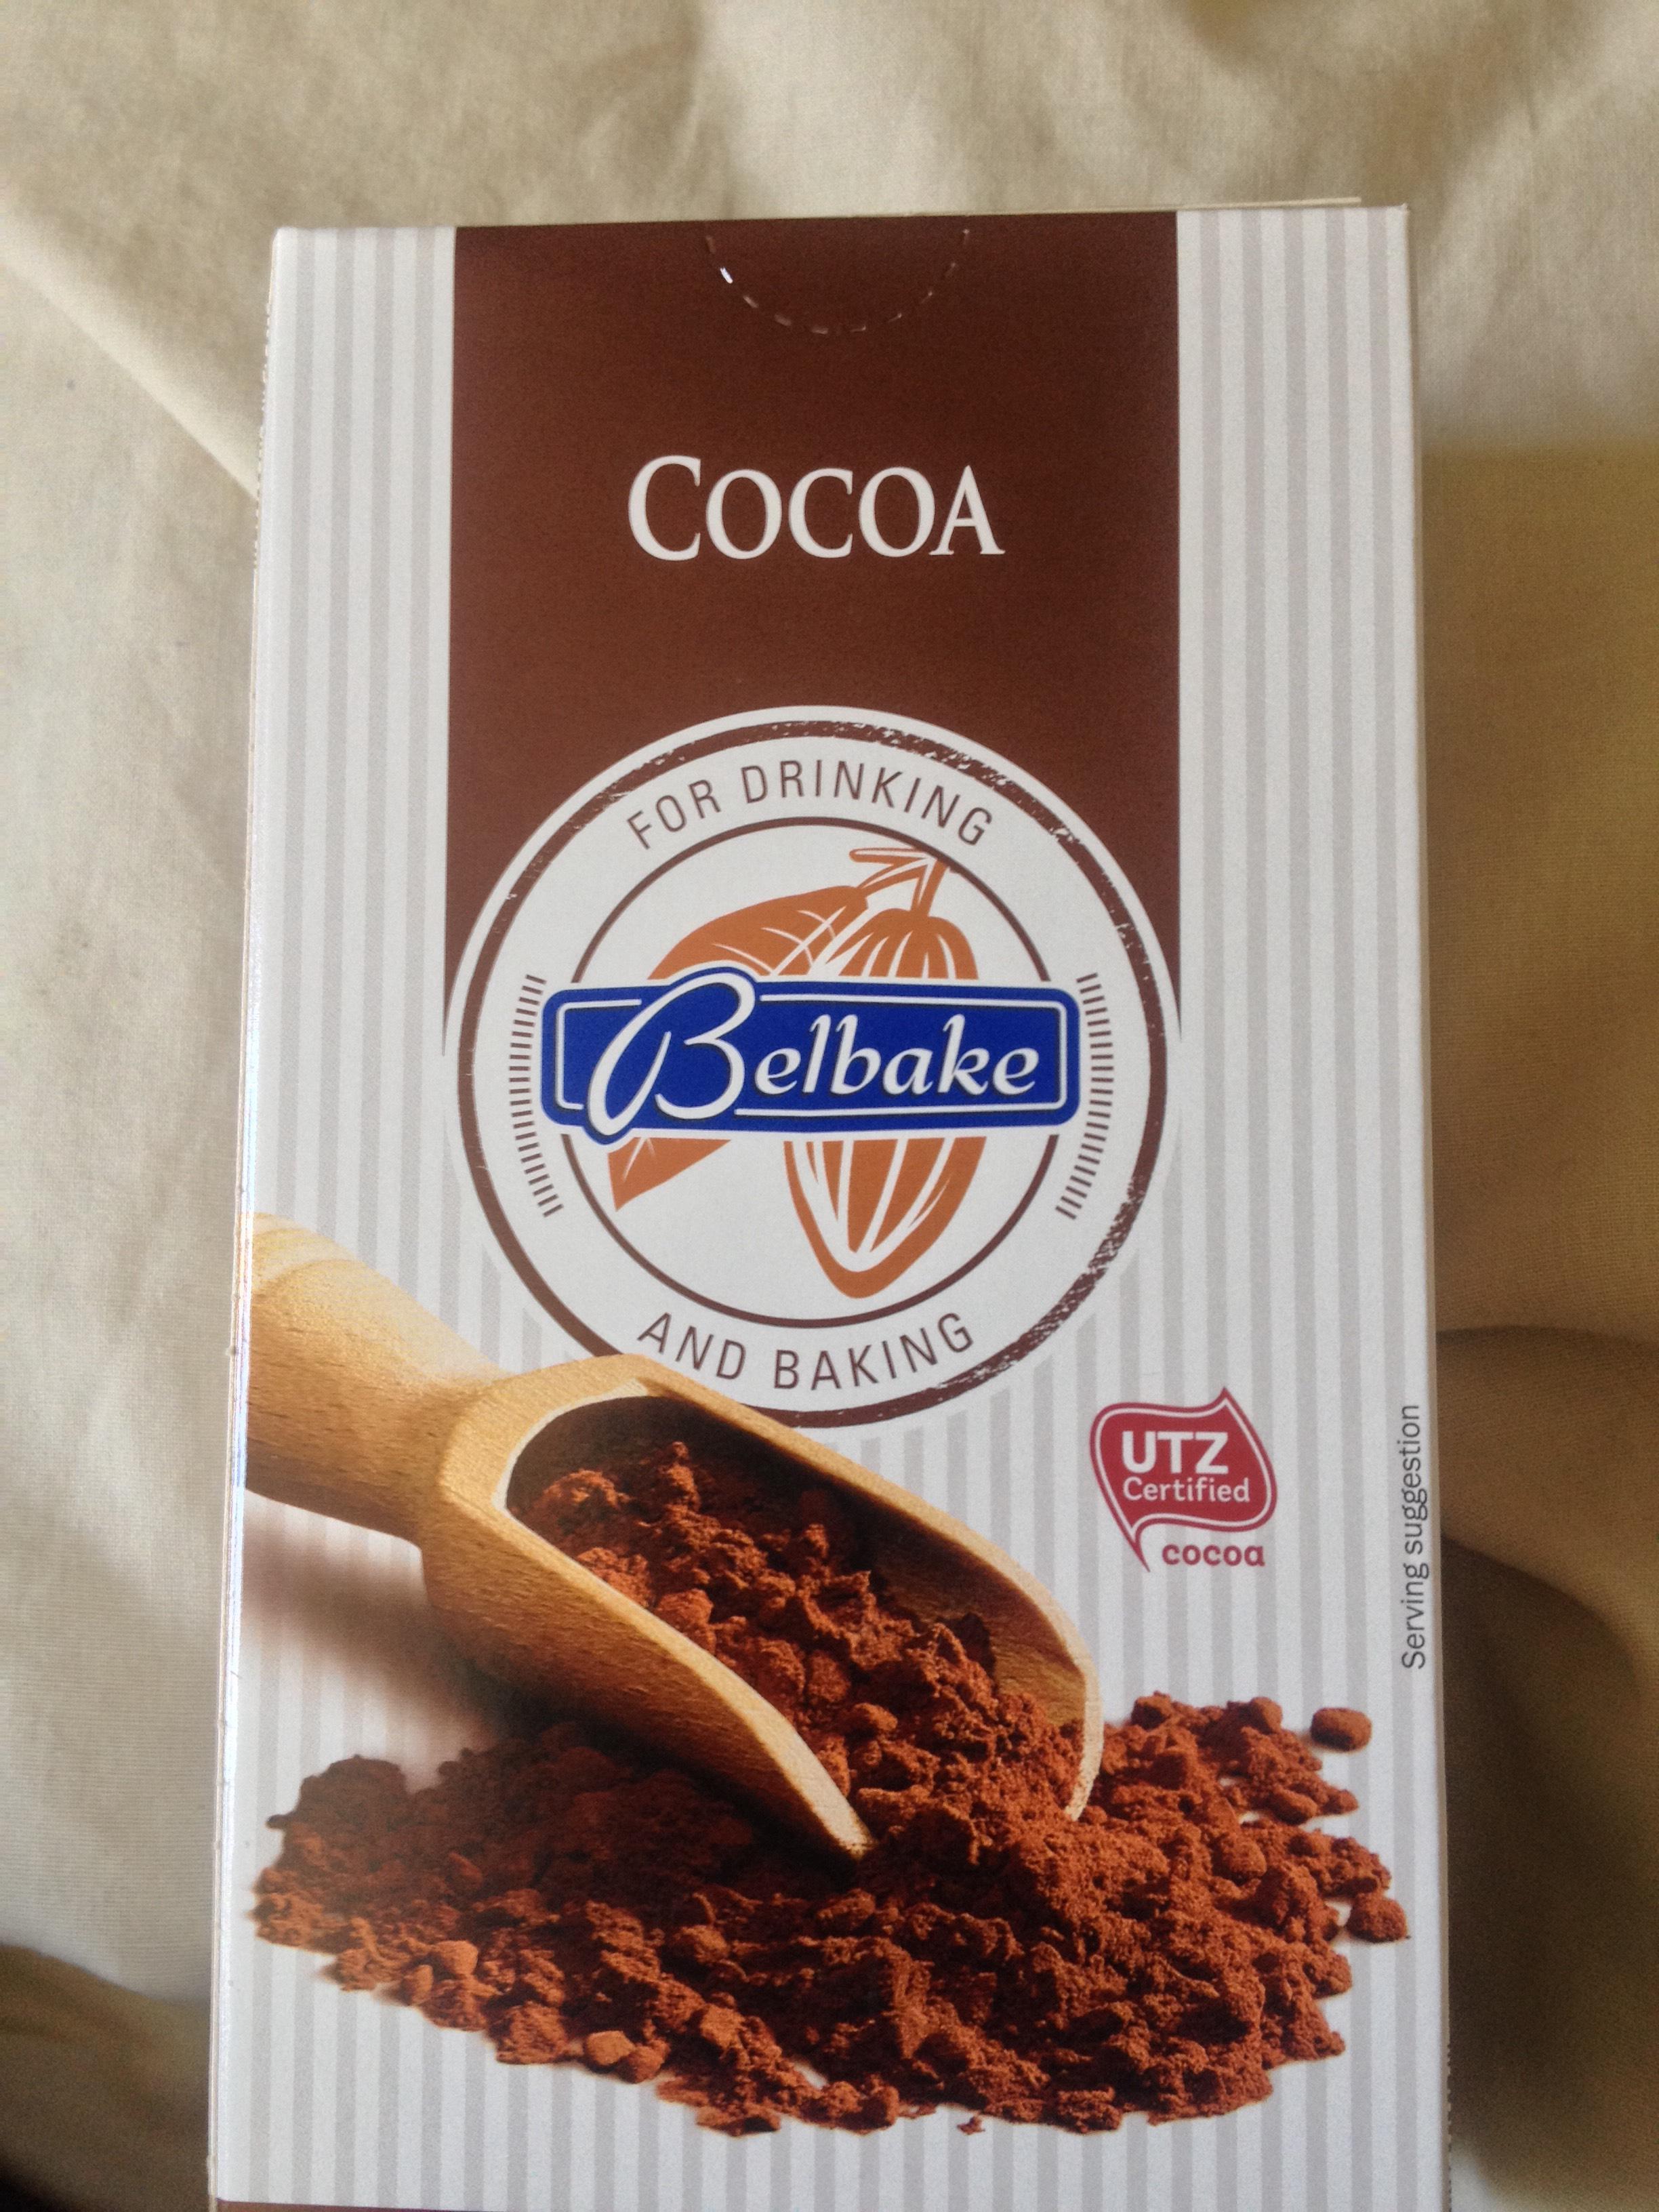 Lidl Belbake cocoa powder 250g - £1.29 instore